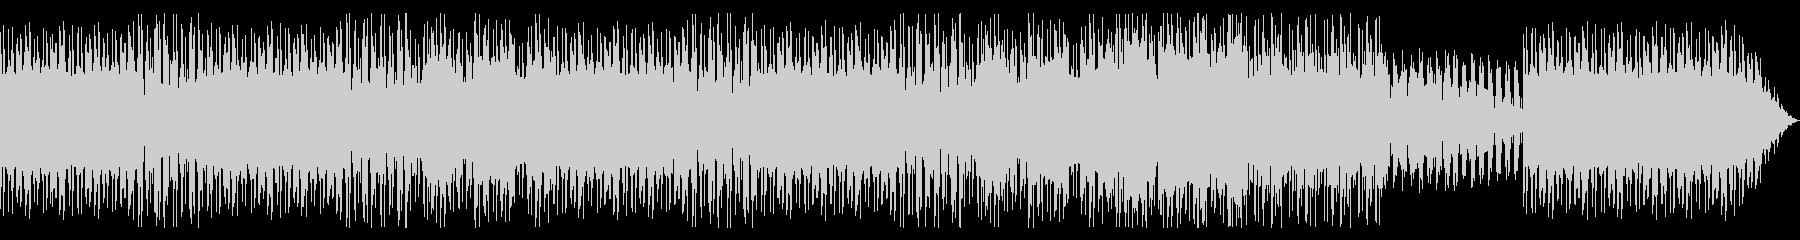 ドラムンベース+ピアノ 緊張高めのバトルの未再生の波形